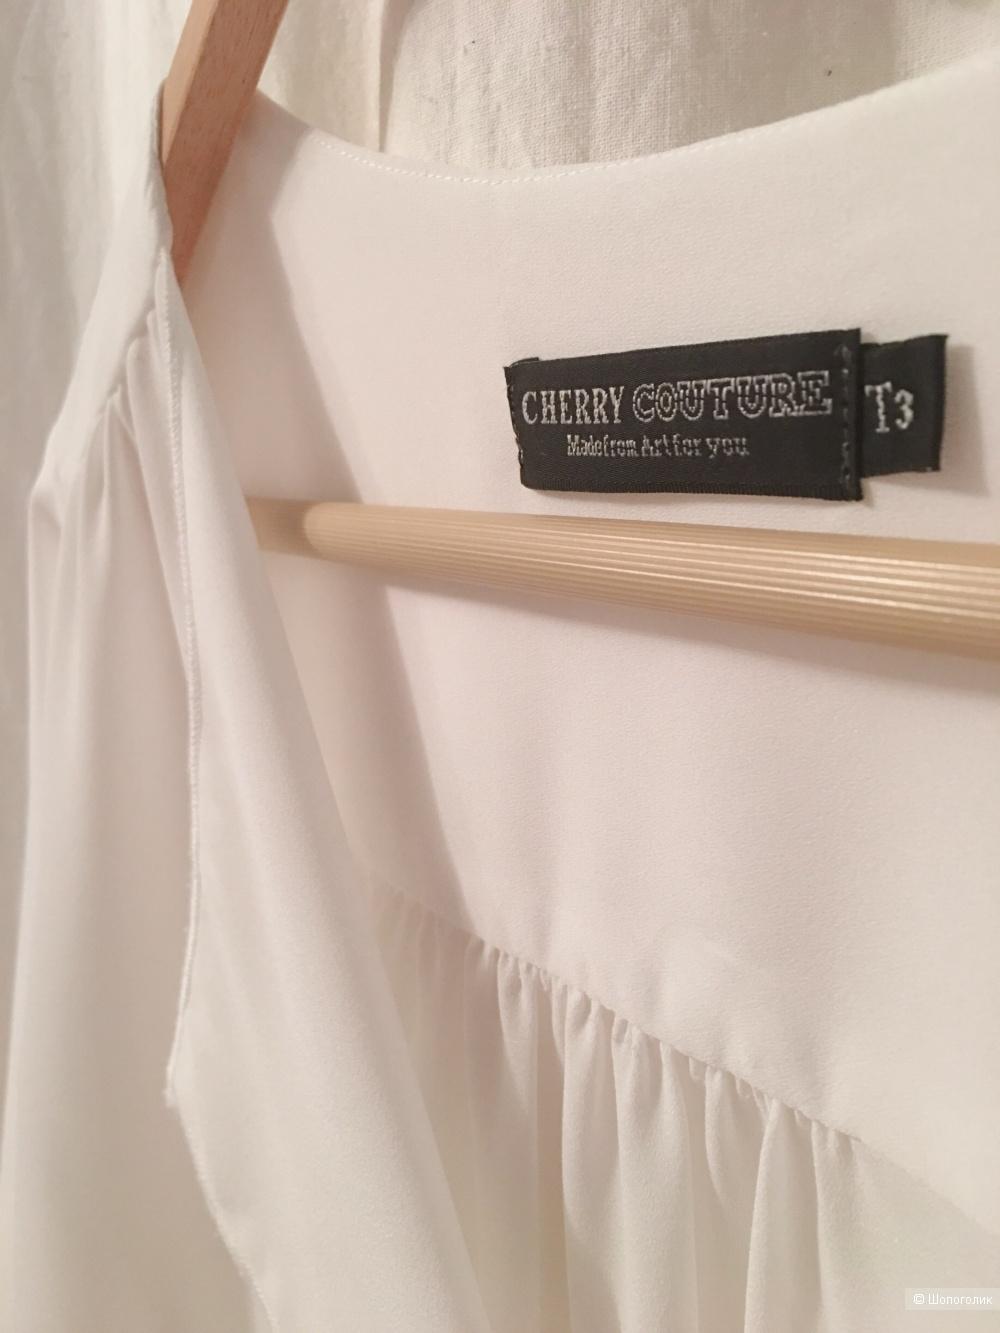 Рубашка Cherry Couture размер T 3